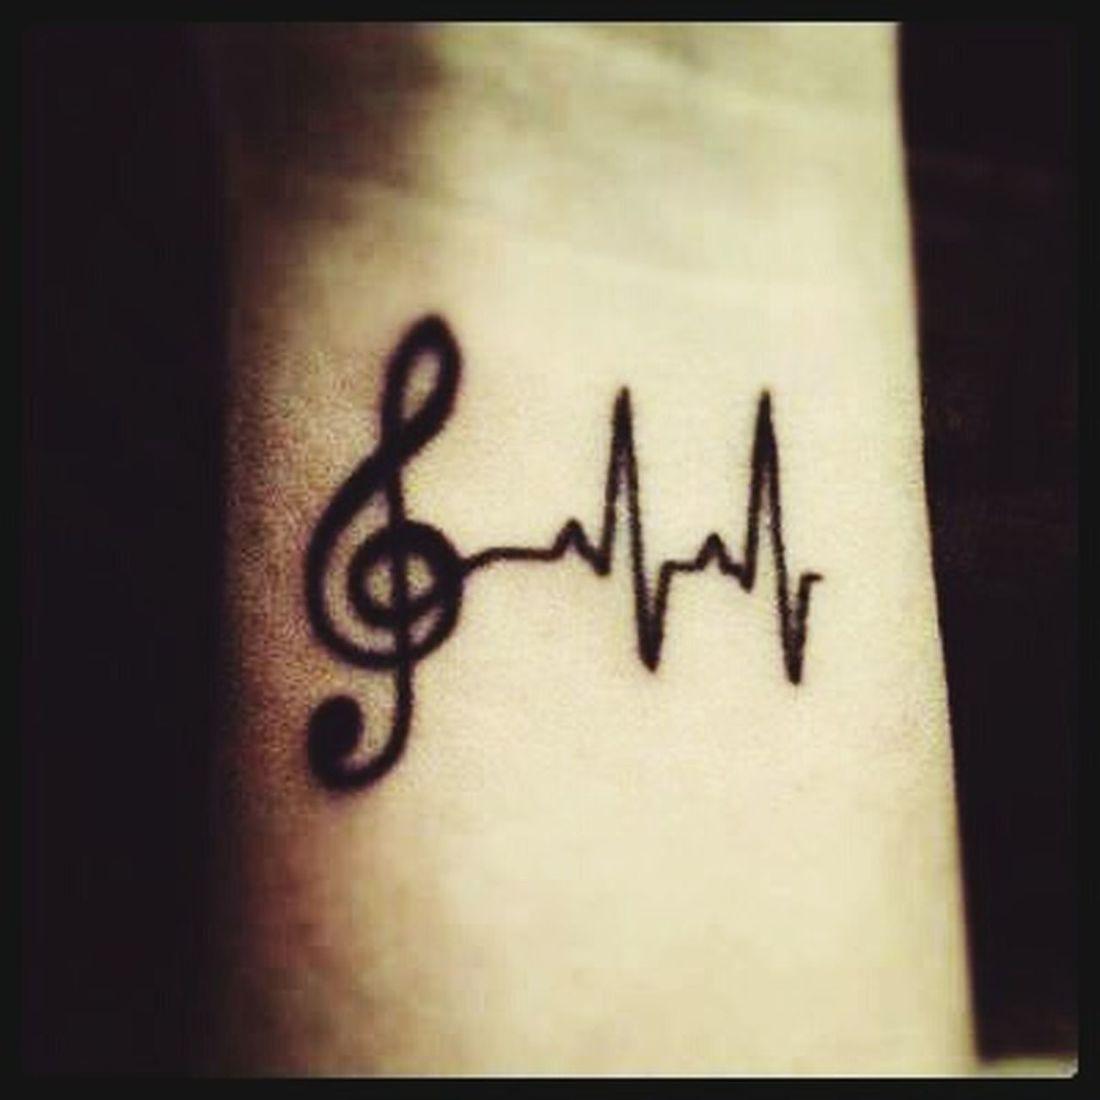 TATU Tatuagem ClaveDeSol MusicIsLife Music <3 Tattoo Futuratattoo Músicaévida Hi! Blackandwhite